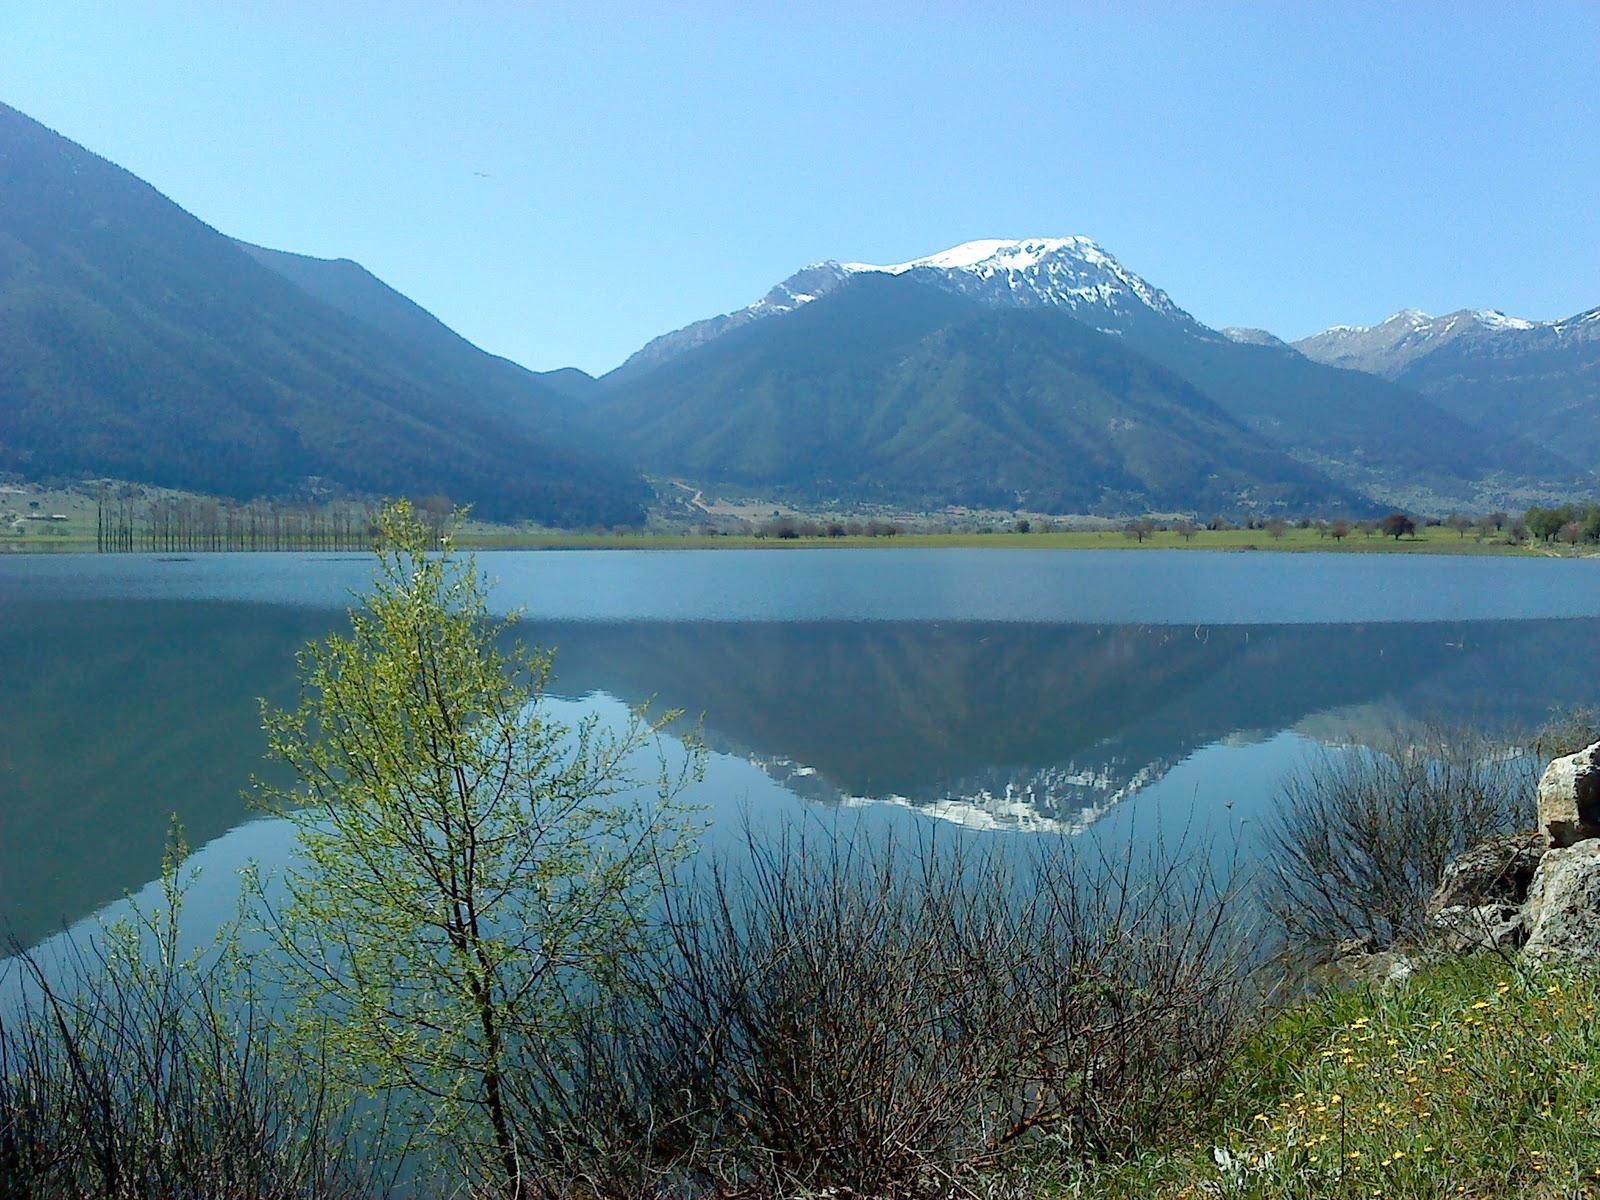 Τρίτη 1 Μαΐου Εκδρομή Λίμνη Στυμφαλία - Φράγμα Δόξας - Φενεός